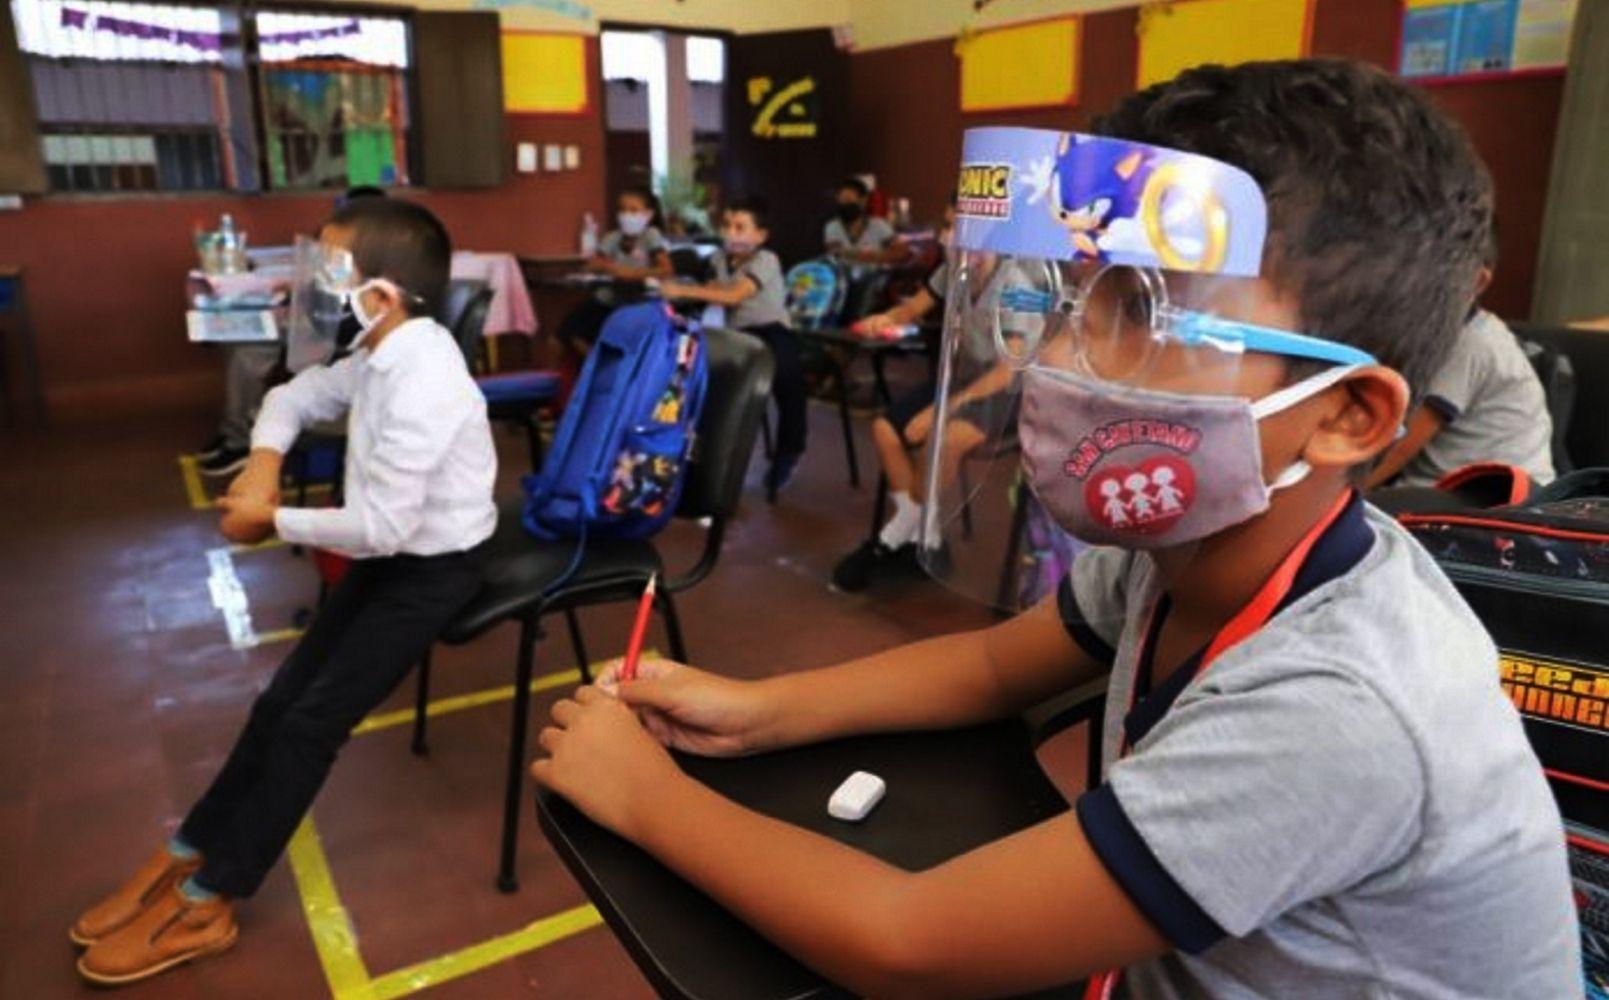 Clases. Ante ingreso de temporada de calor se recomienda ventilar los salones al utilizar el aire acondicionado a modo de evitar contagio masivo de Covid en instituciones.